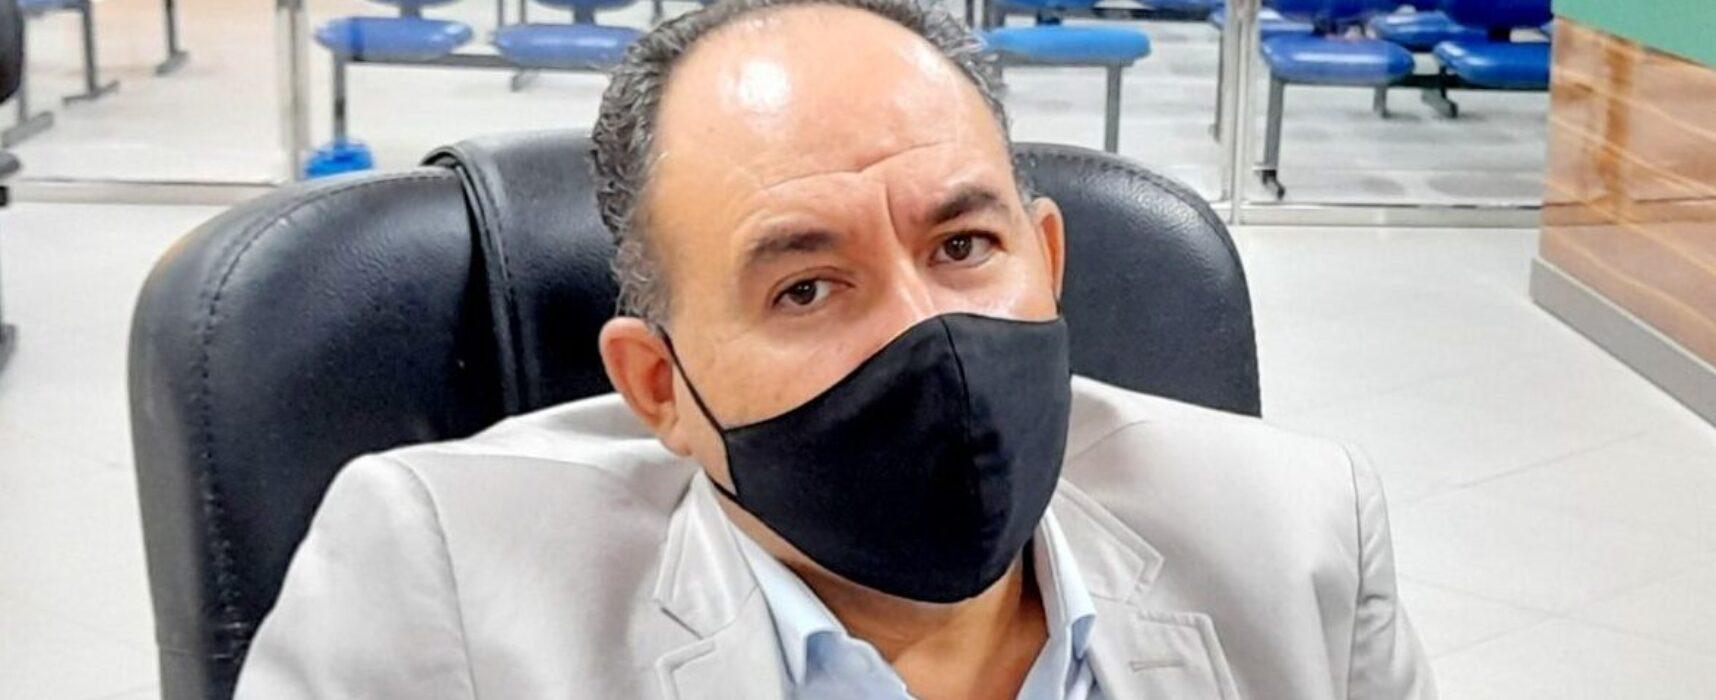 Parceria do vereador Tandick gera 360 mil reais em novos investimentos para a saúde em Ilhéus